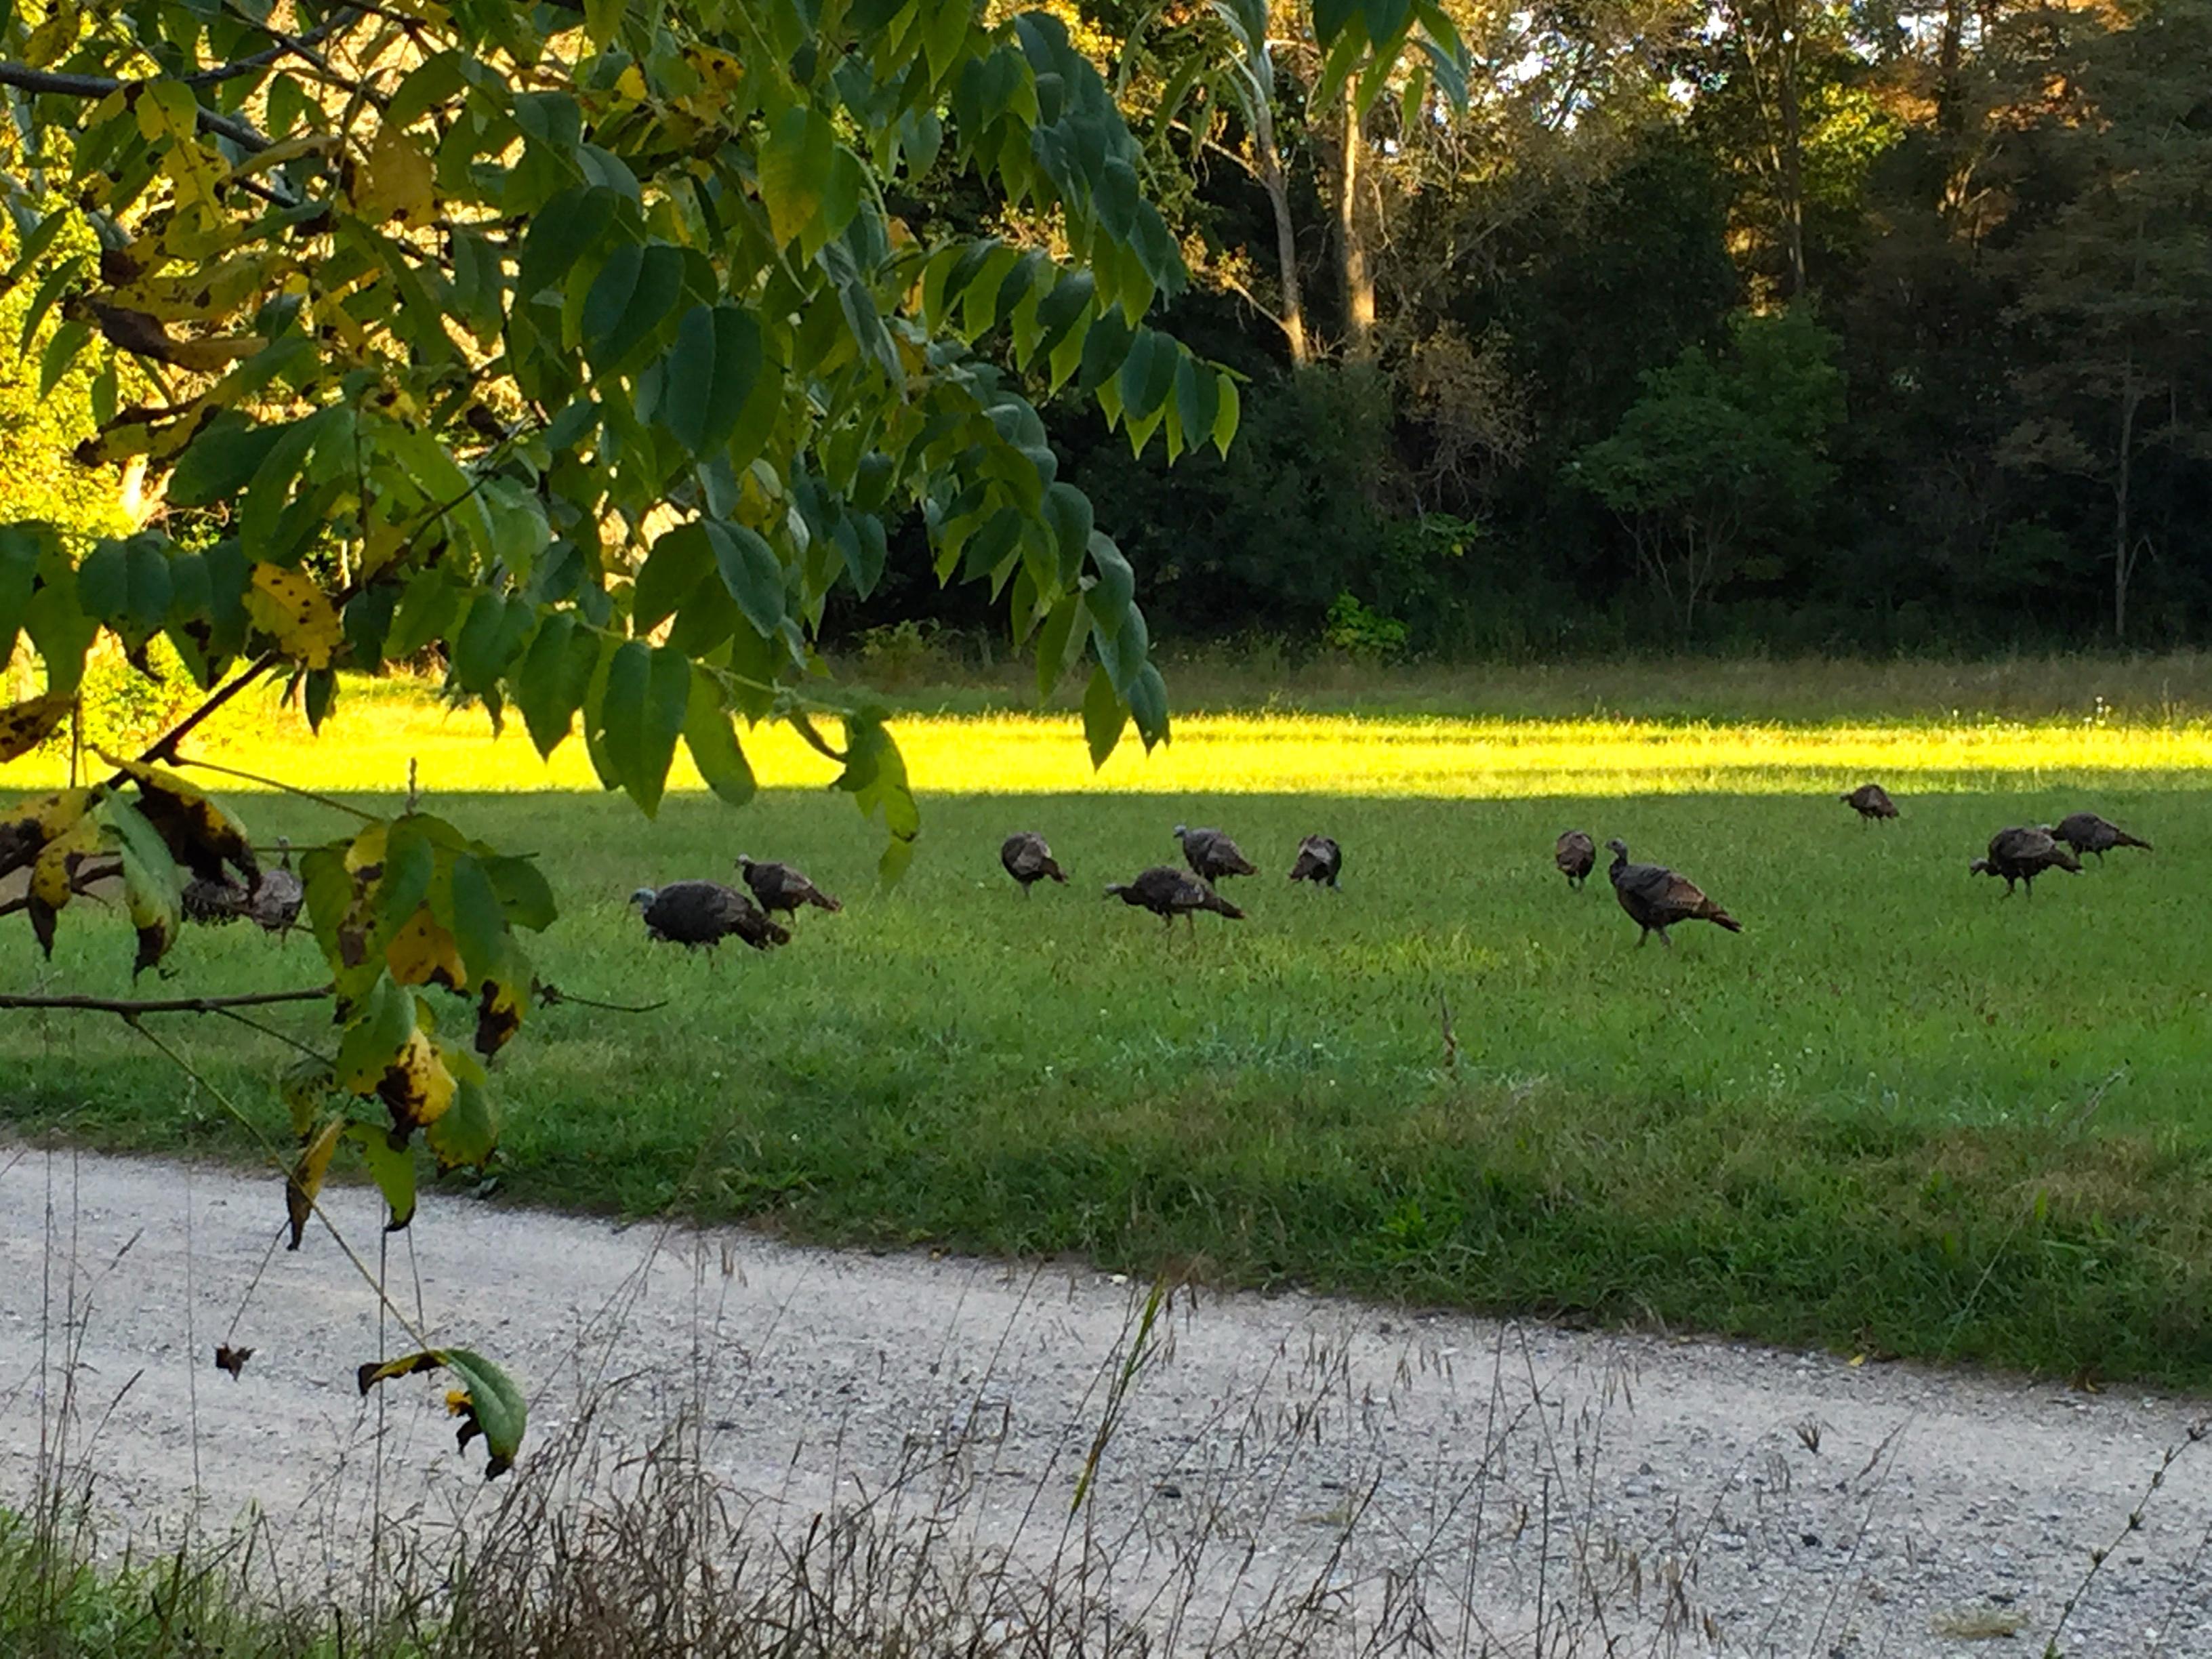 Turkeys 21 of them! 9-15